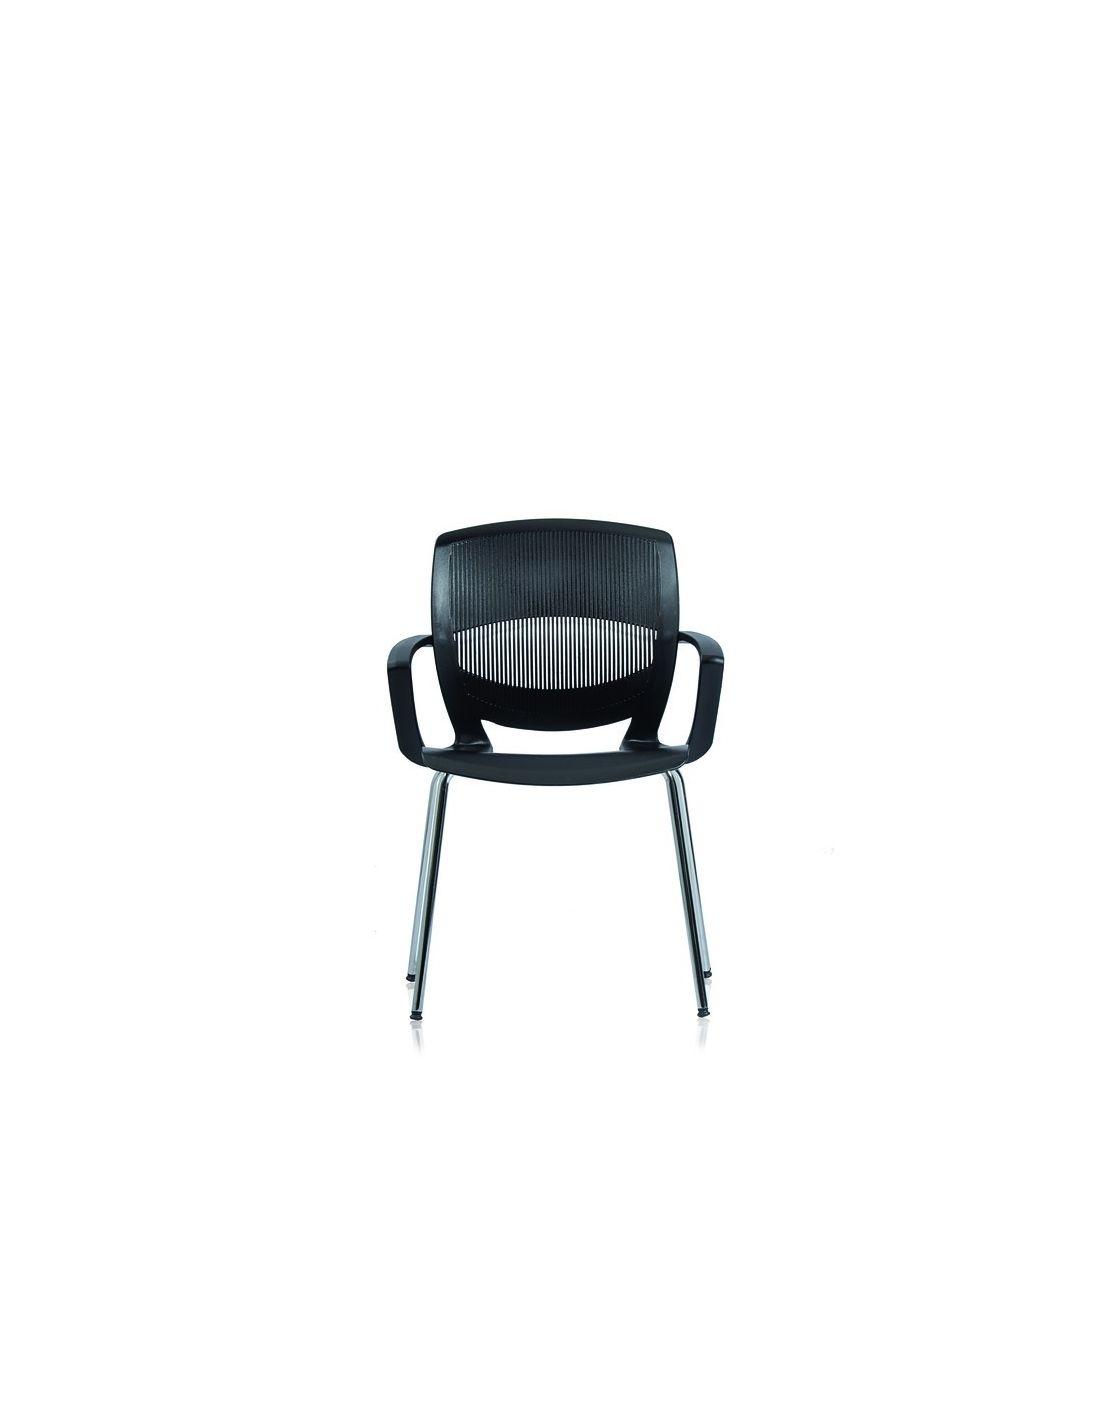 Coppia sedie sala conferenza arredo ufficio attesa con braccioli Flexy